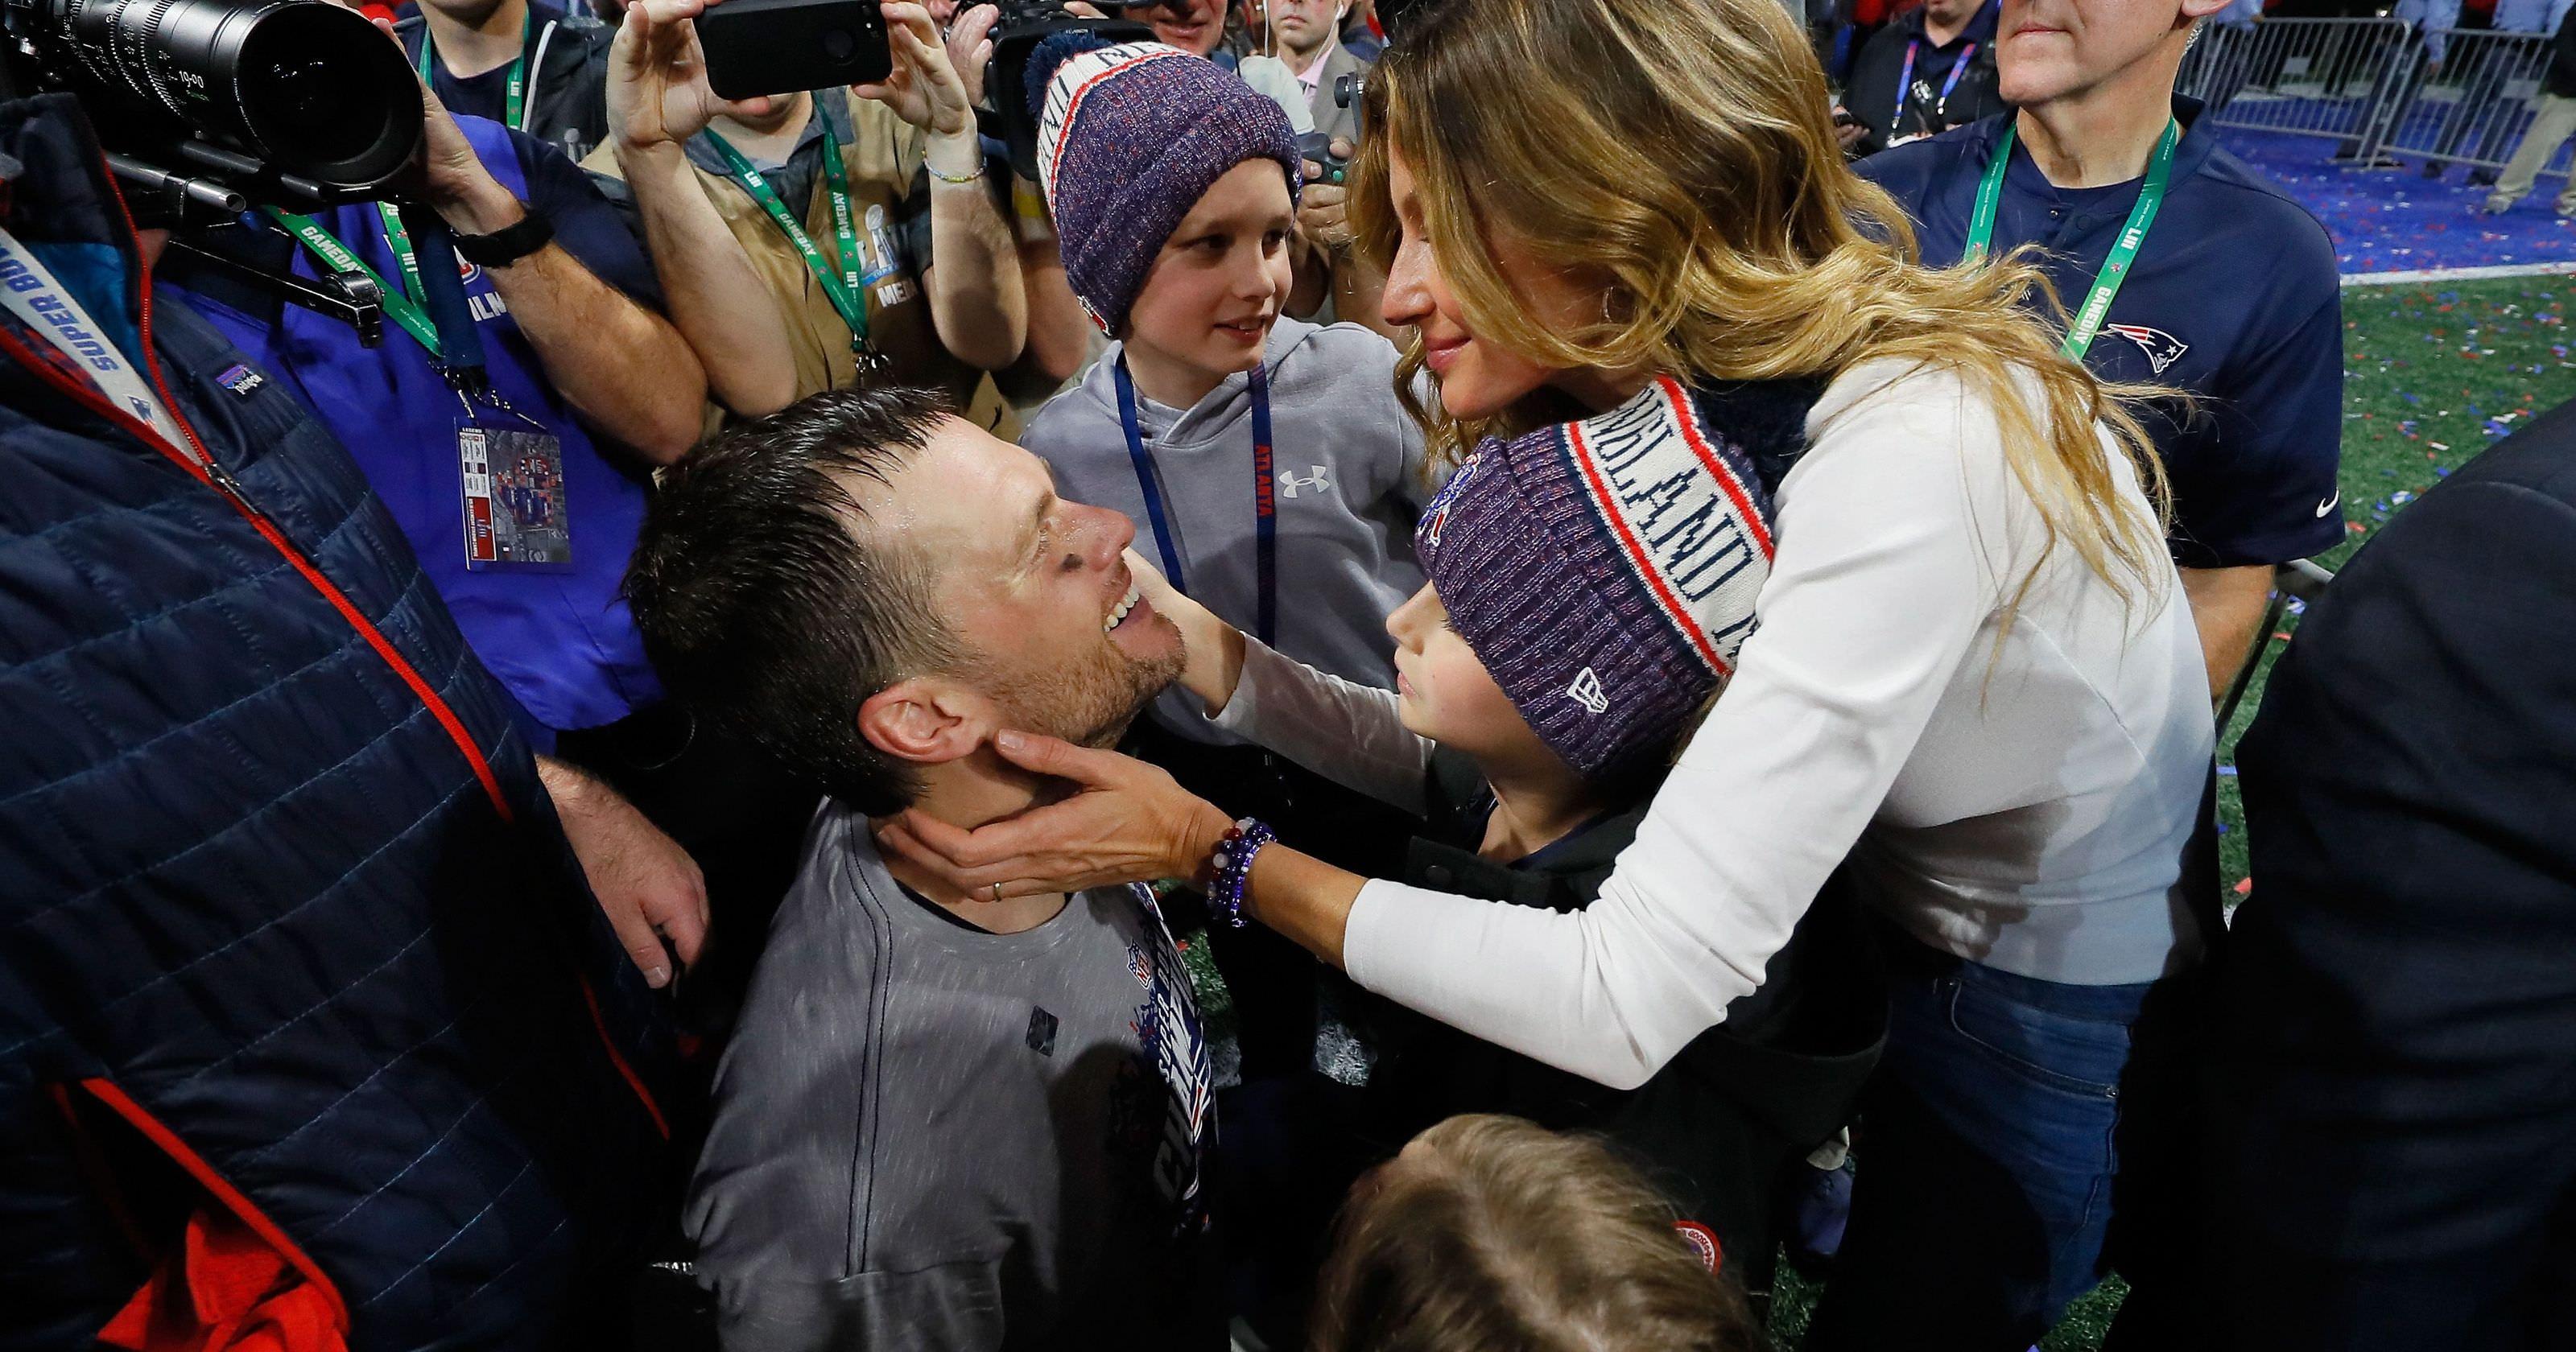 Tom Brady compartilha momento especial com a família após a vitória do Super Bowl LIII dos Patriots